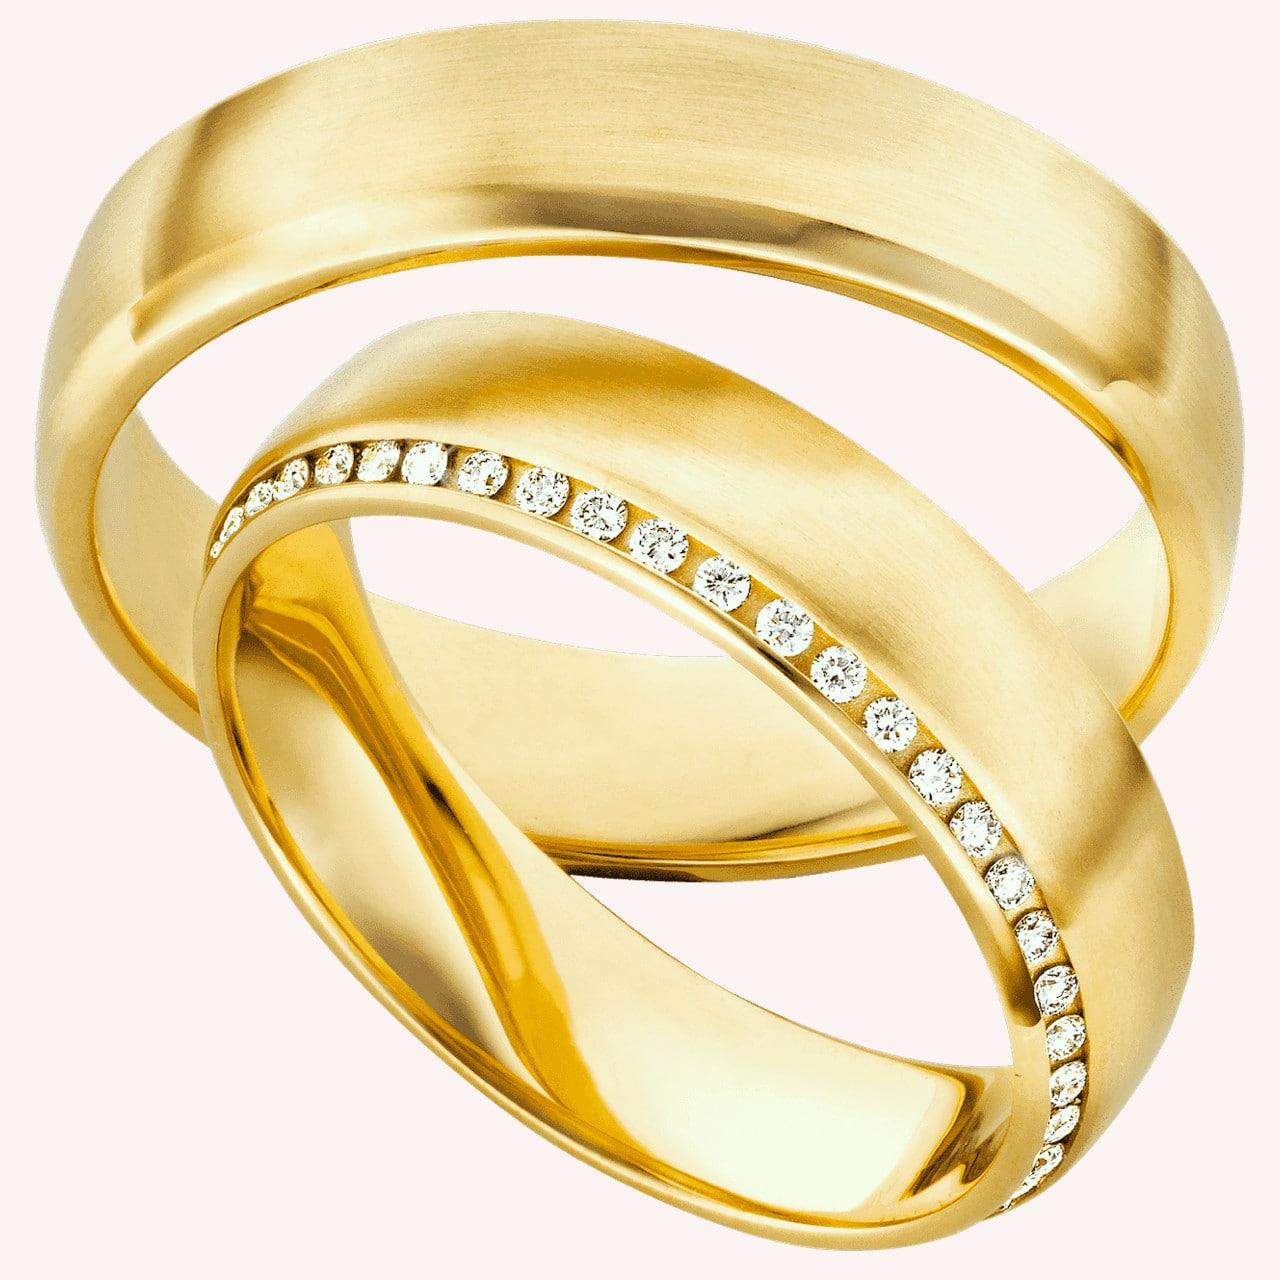 GelbgoldRinge im Diamanten Vollbesatz 70249  EHERINGEde